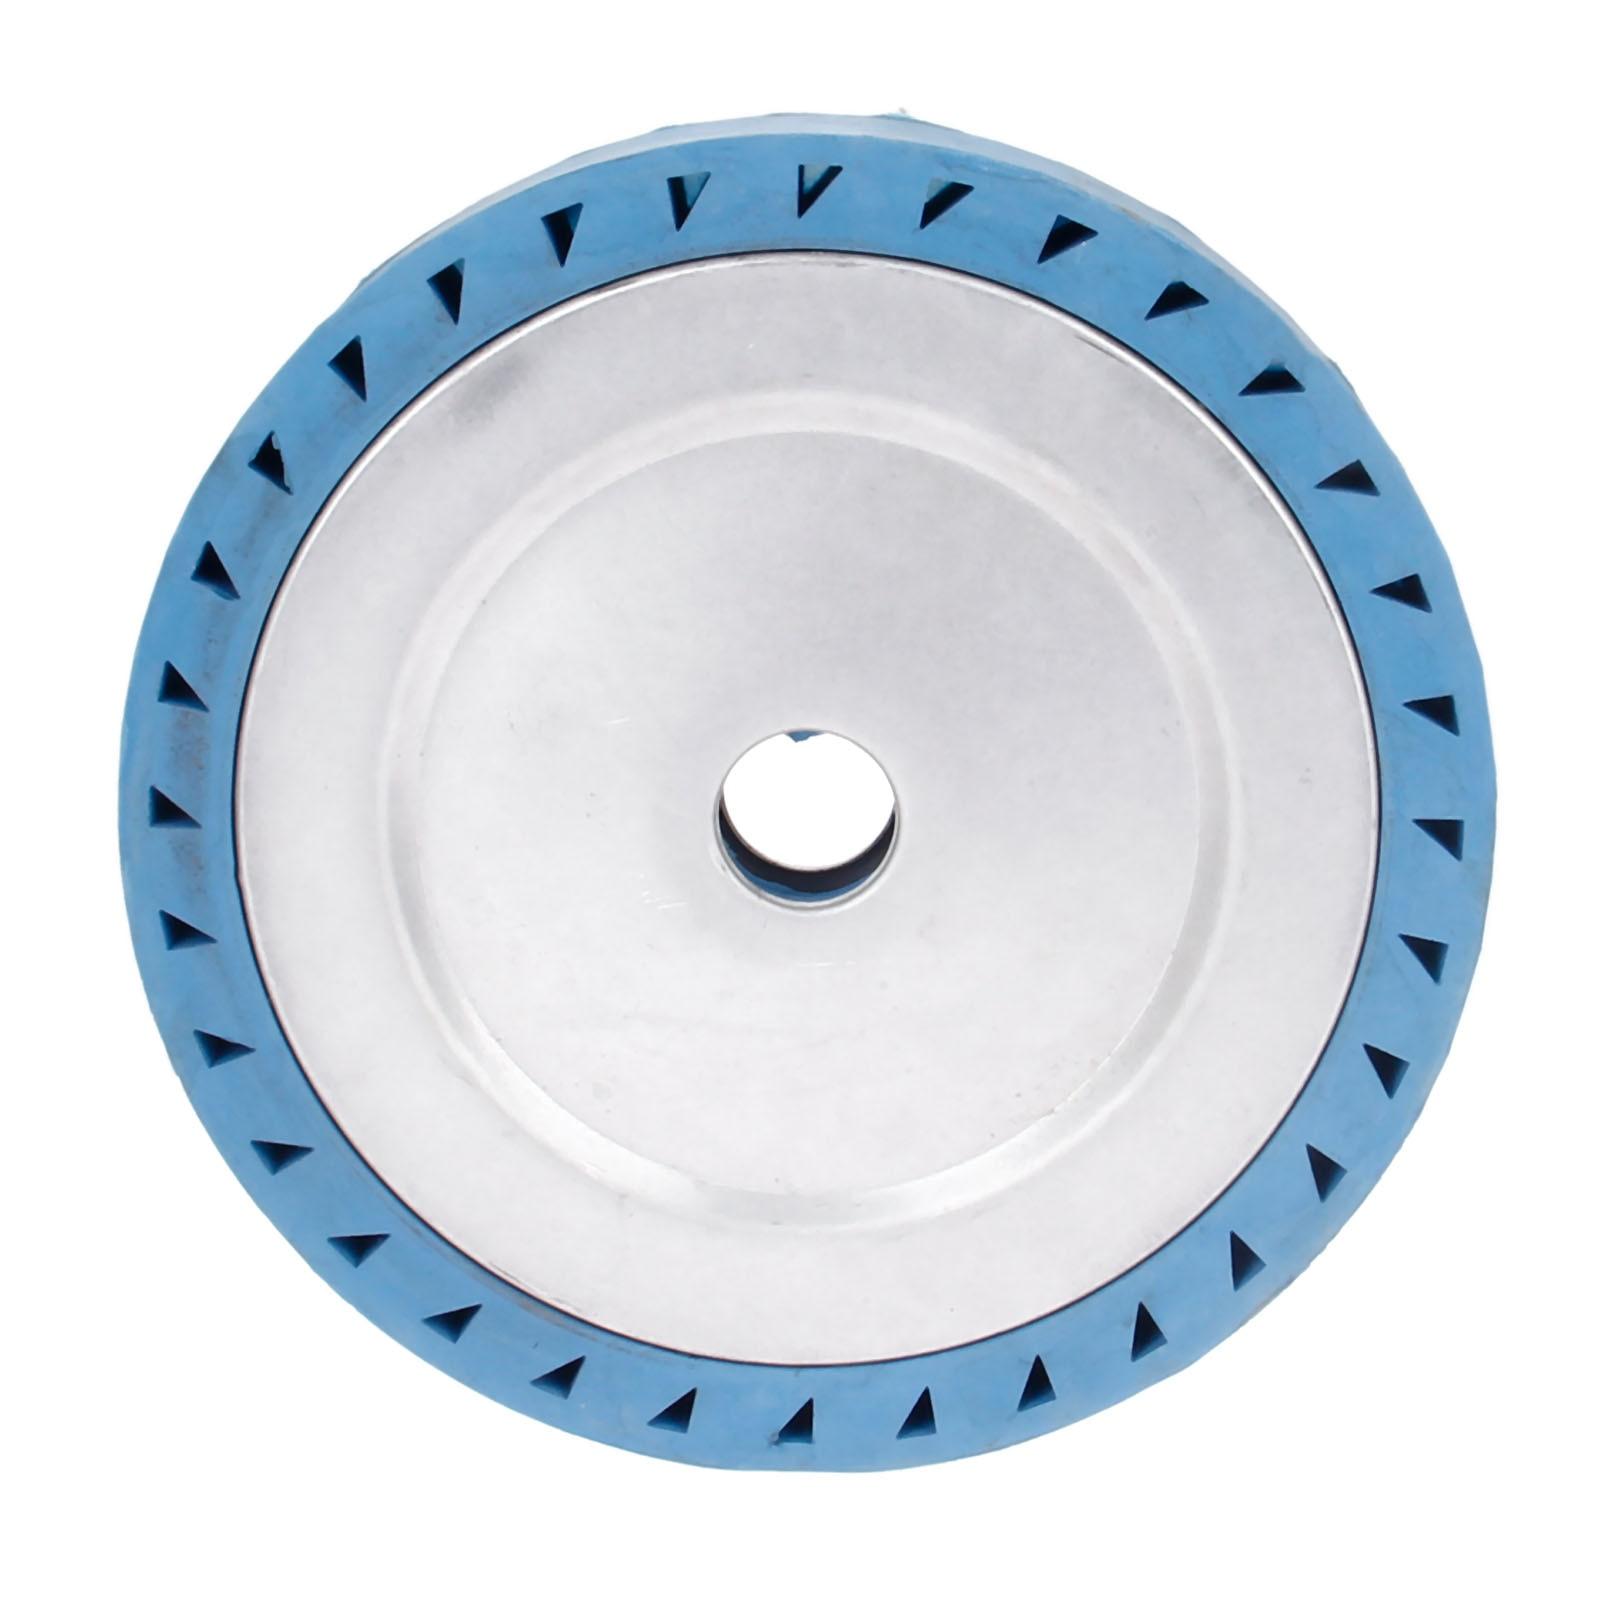 DRELD 200*40*32mm Solid Rubber Contact Wheel For Belt Grinder Sander Polishing Chamfering Grinding Wheel Abrasive BeltDRELD 200*40*32mm Solid Rubber Contact Wheel For Belt Grinder Sander Polishing Chamfering Grinding Wheel Abrasive Belt